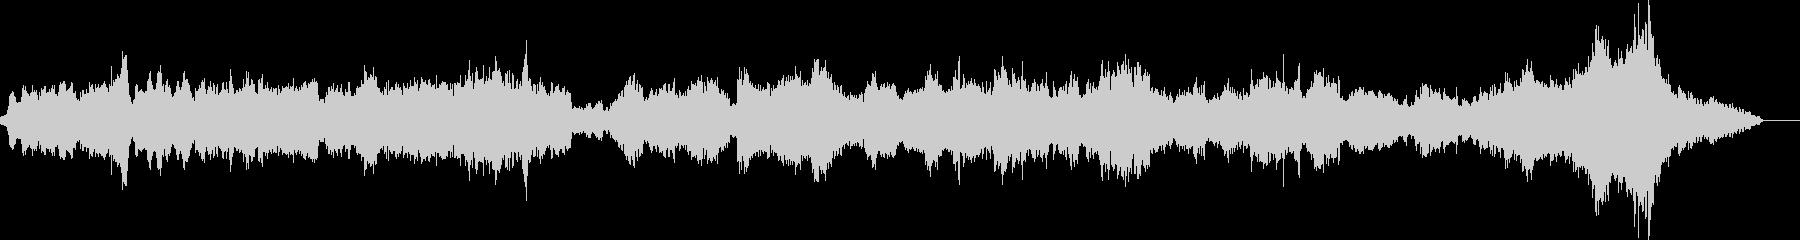 オーボエがメインのミステリアス・緊張の曲の未再生の波形